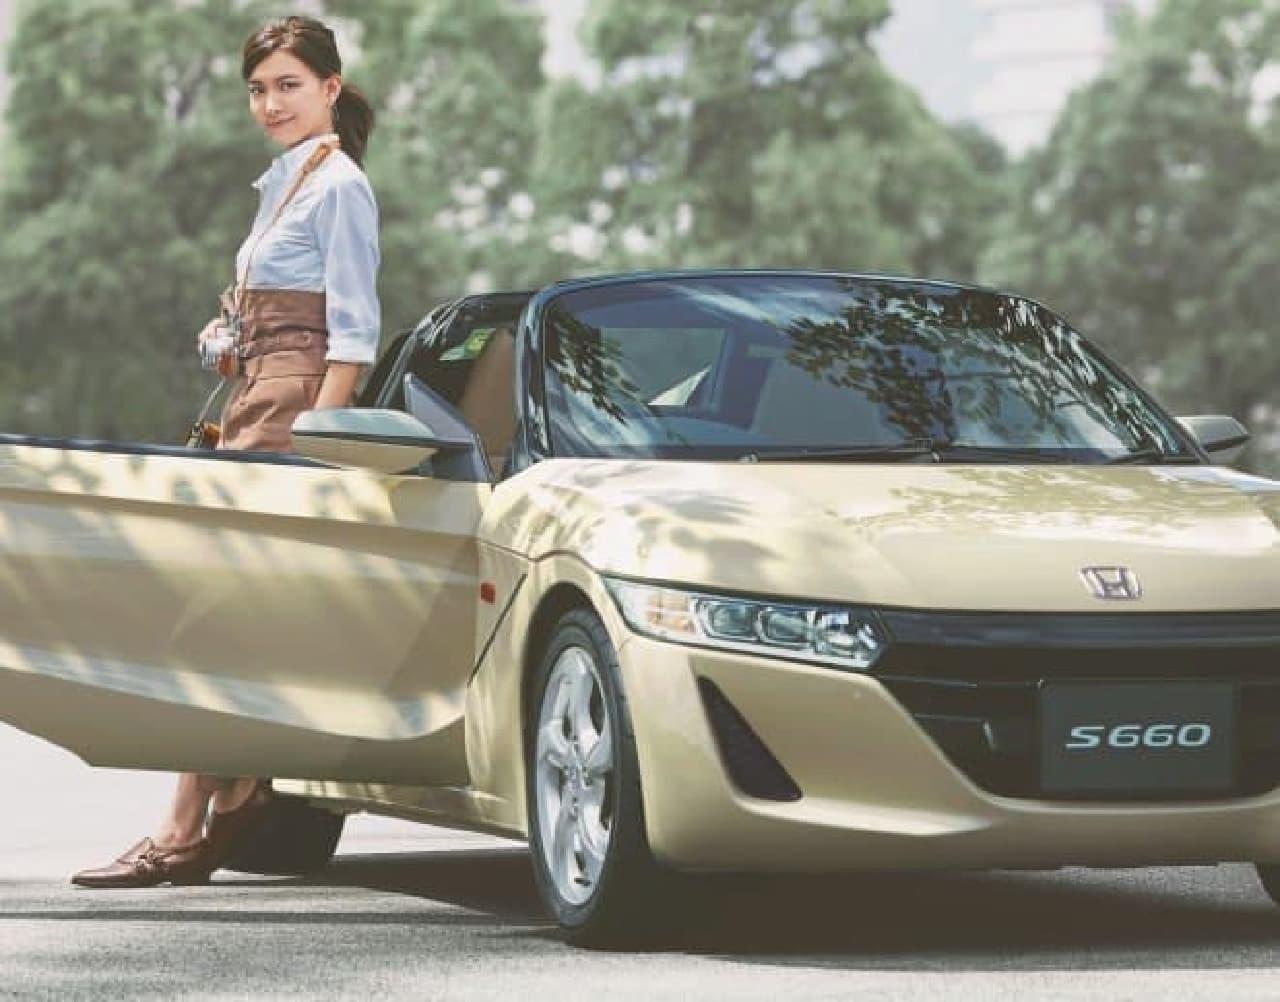 ホンダ「S660」に特別仕様車「#komorebi edition(コモレビ エディション)」